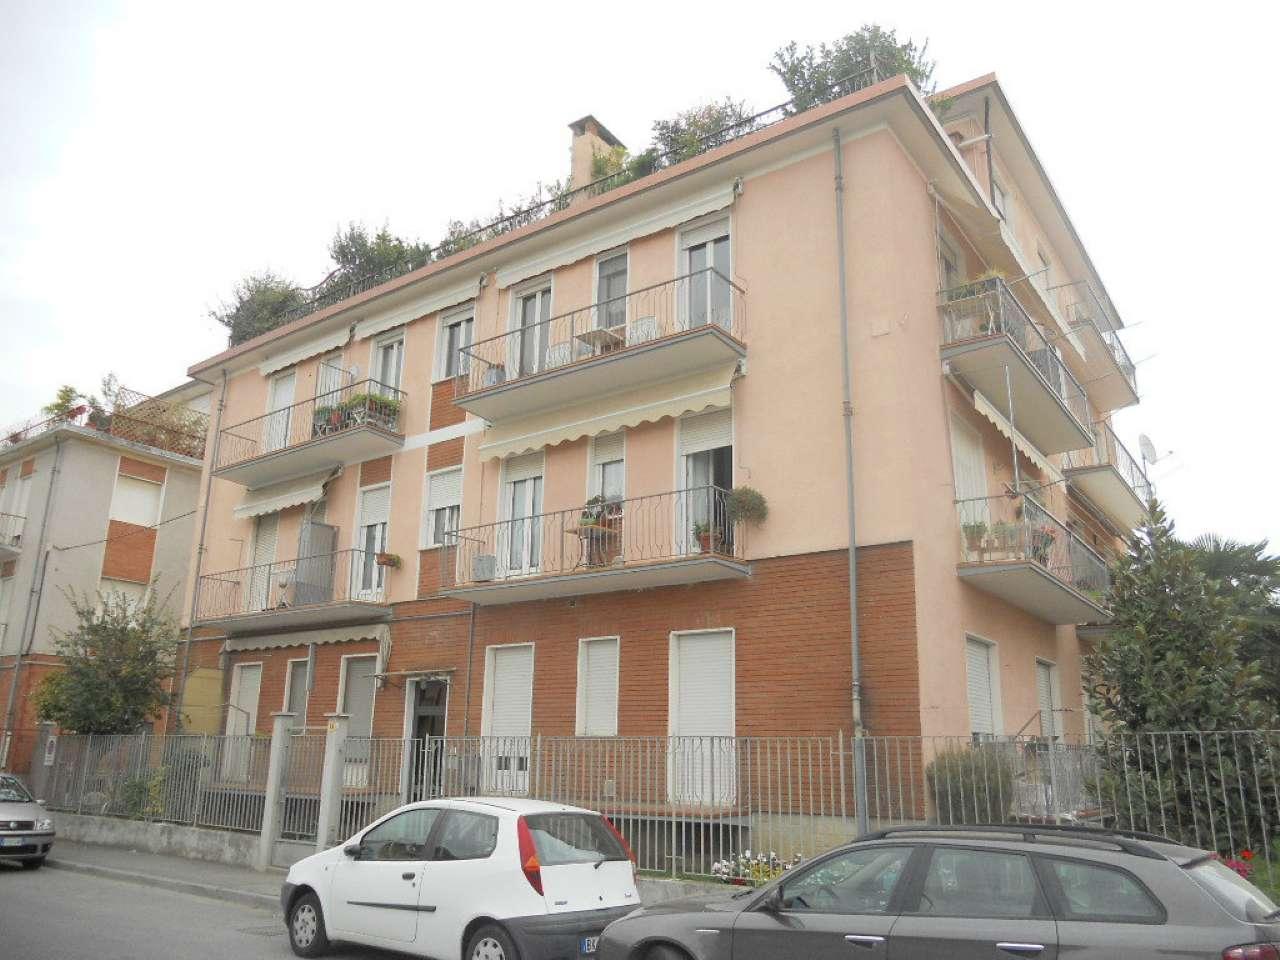 Appartamento in vendita a Savigliano, 3 locali, prezzo € 135.000   CambioCasa.it